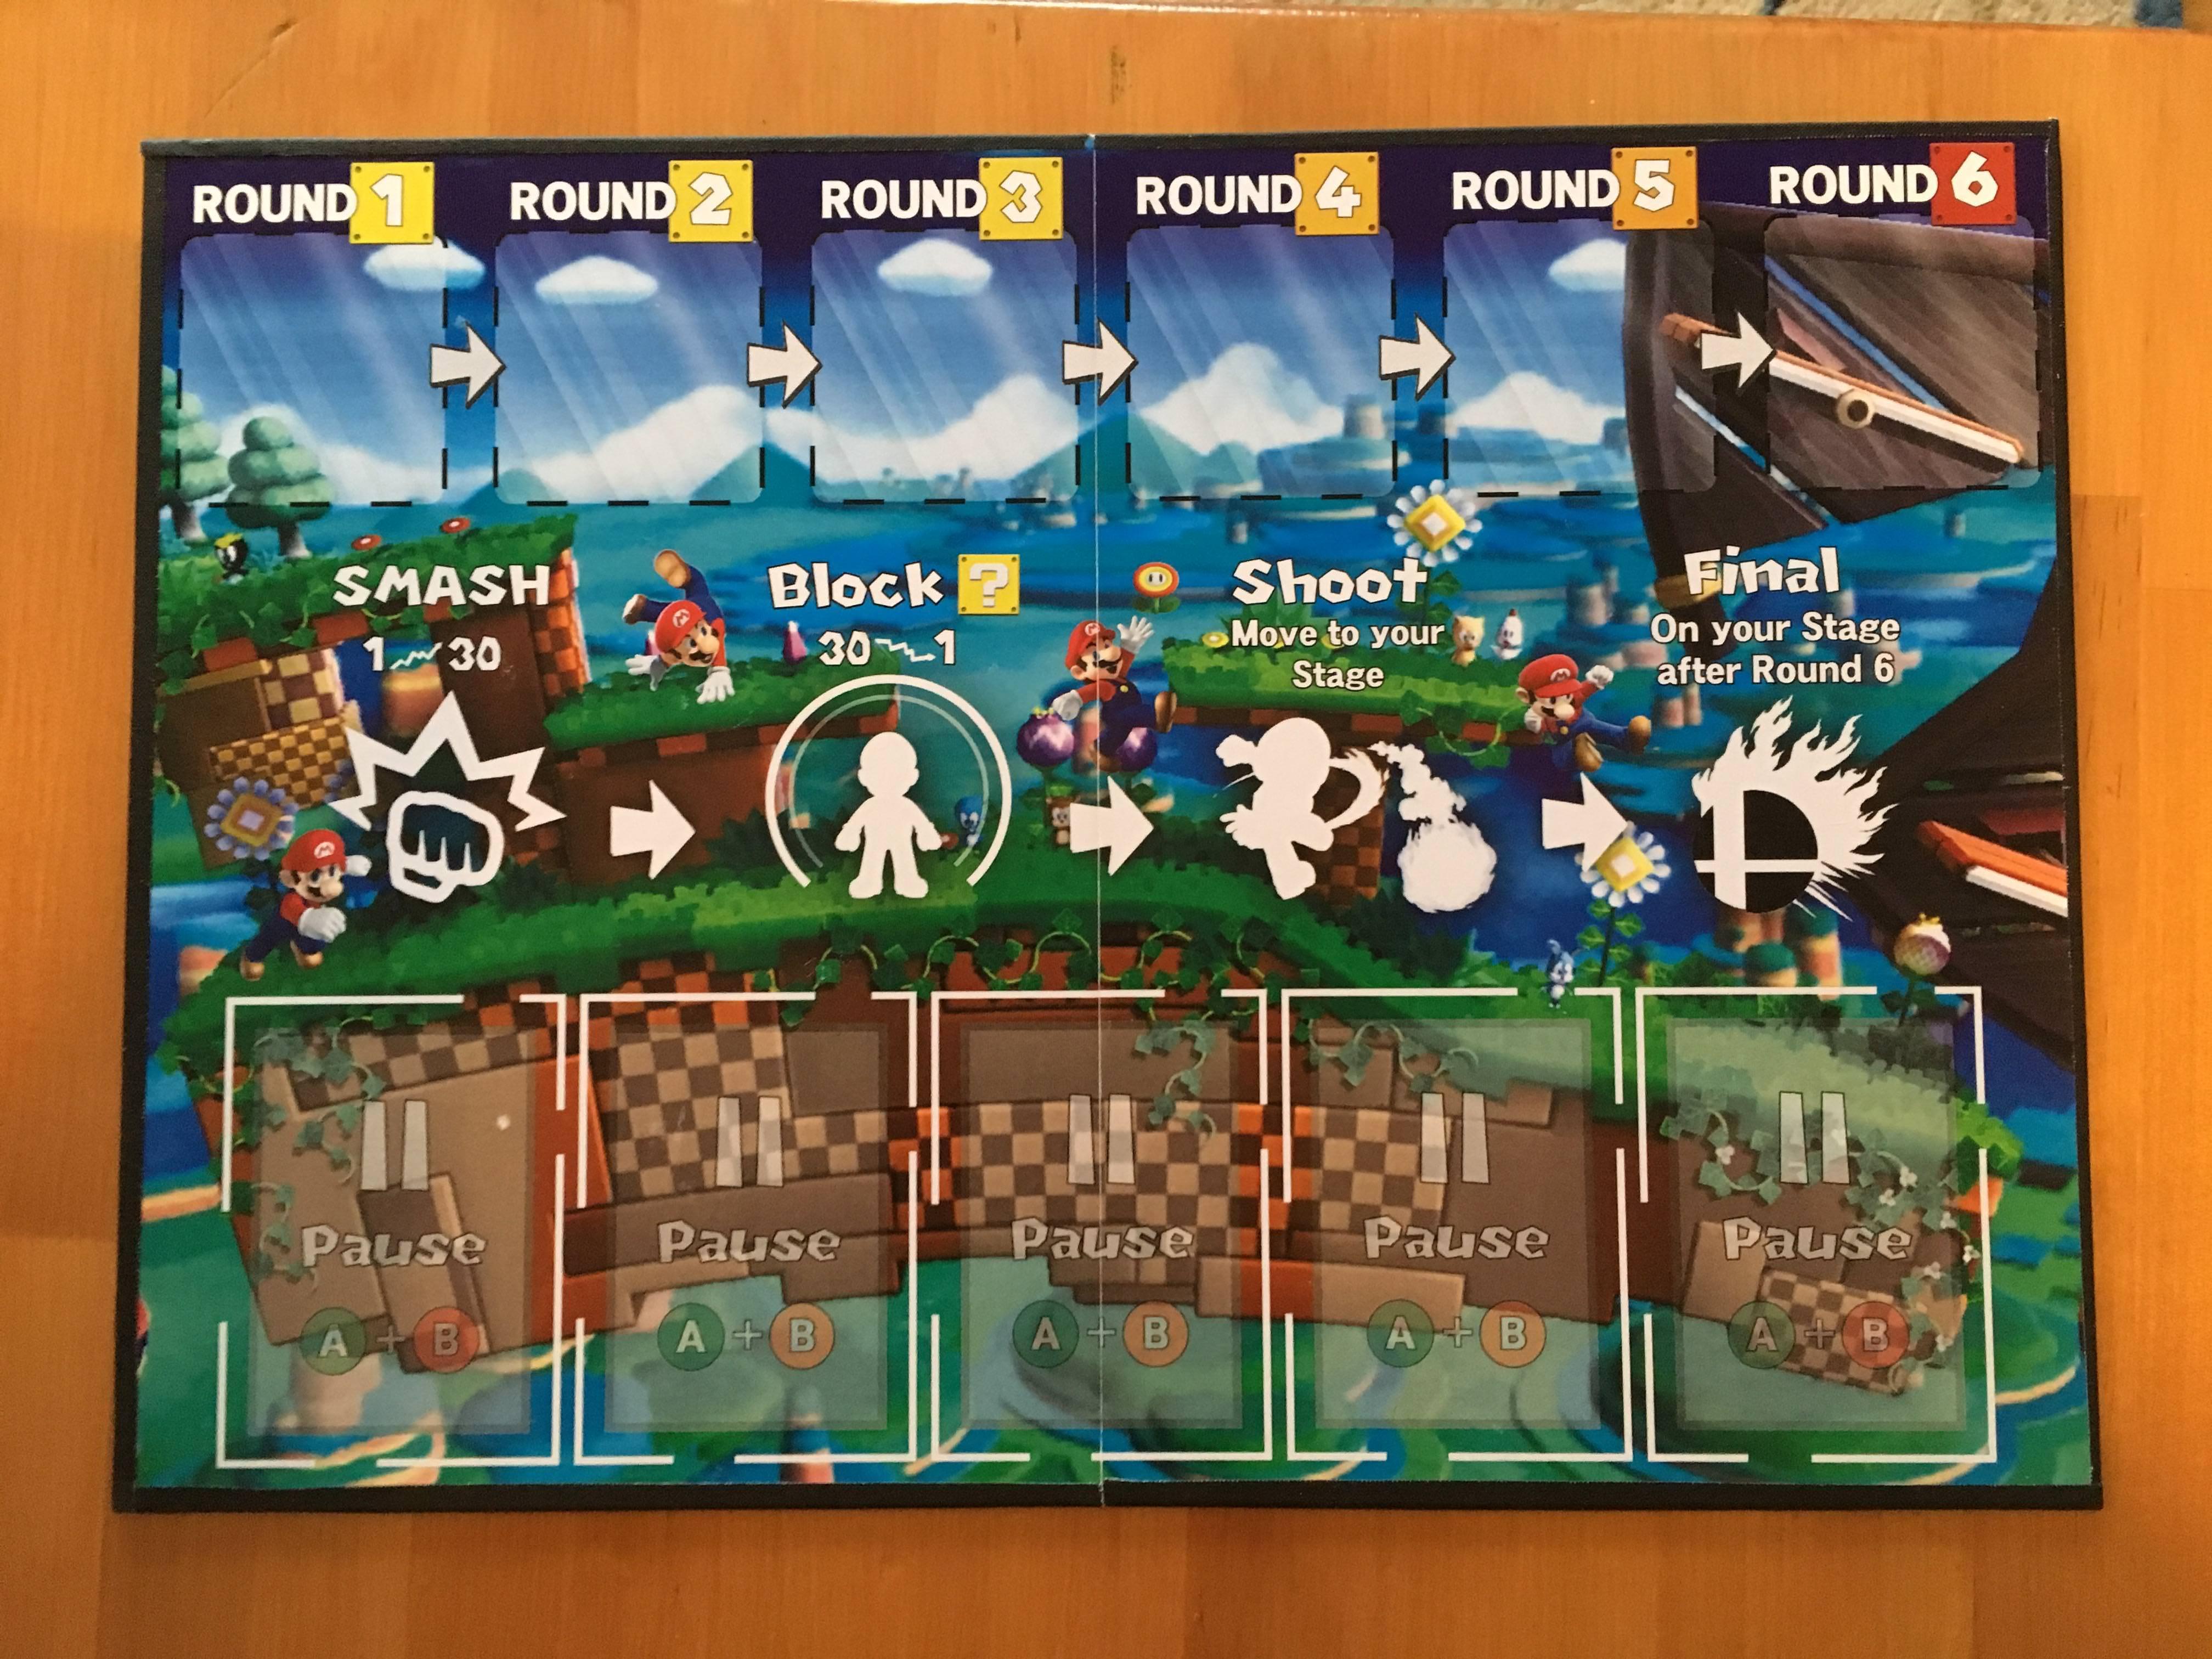 Un fan crea un juego de mesa de Super Smash Bros